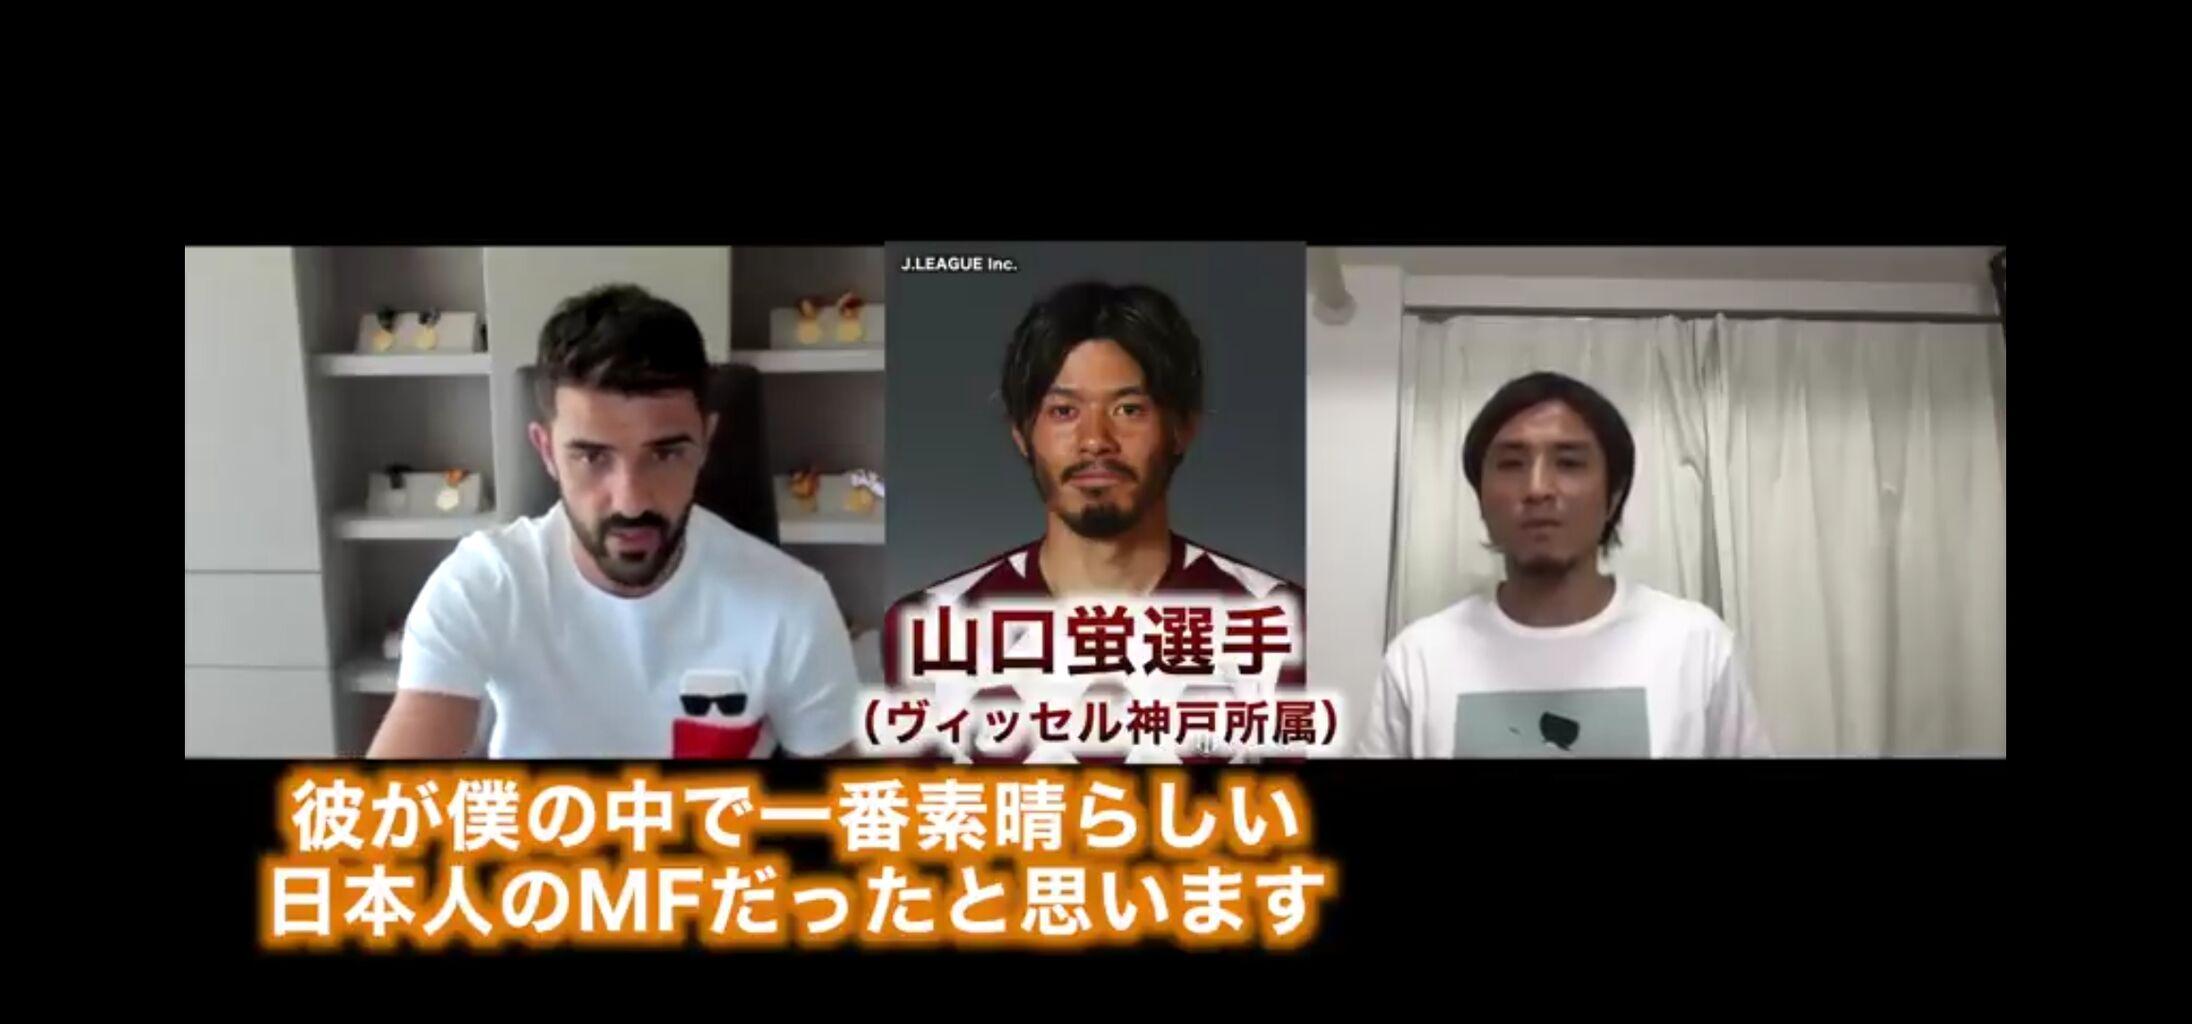 【朗報】元スペイン代表ビジャが日本で一番いいミッドフィルダーといった男www